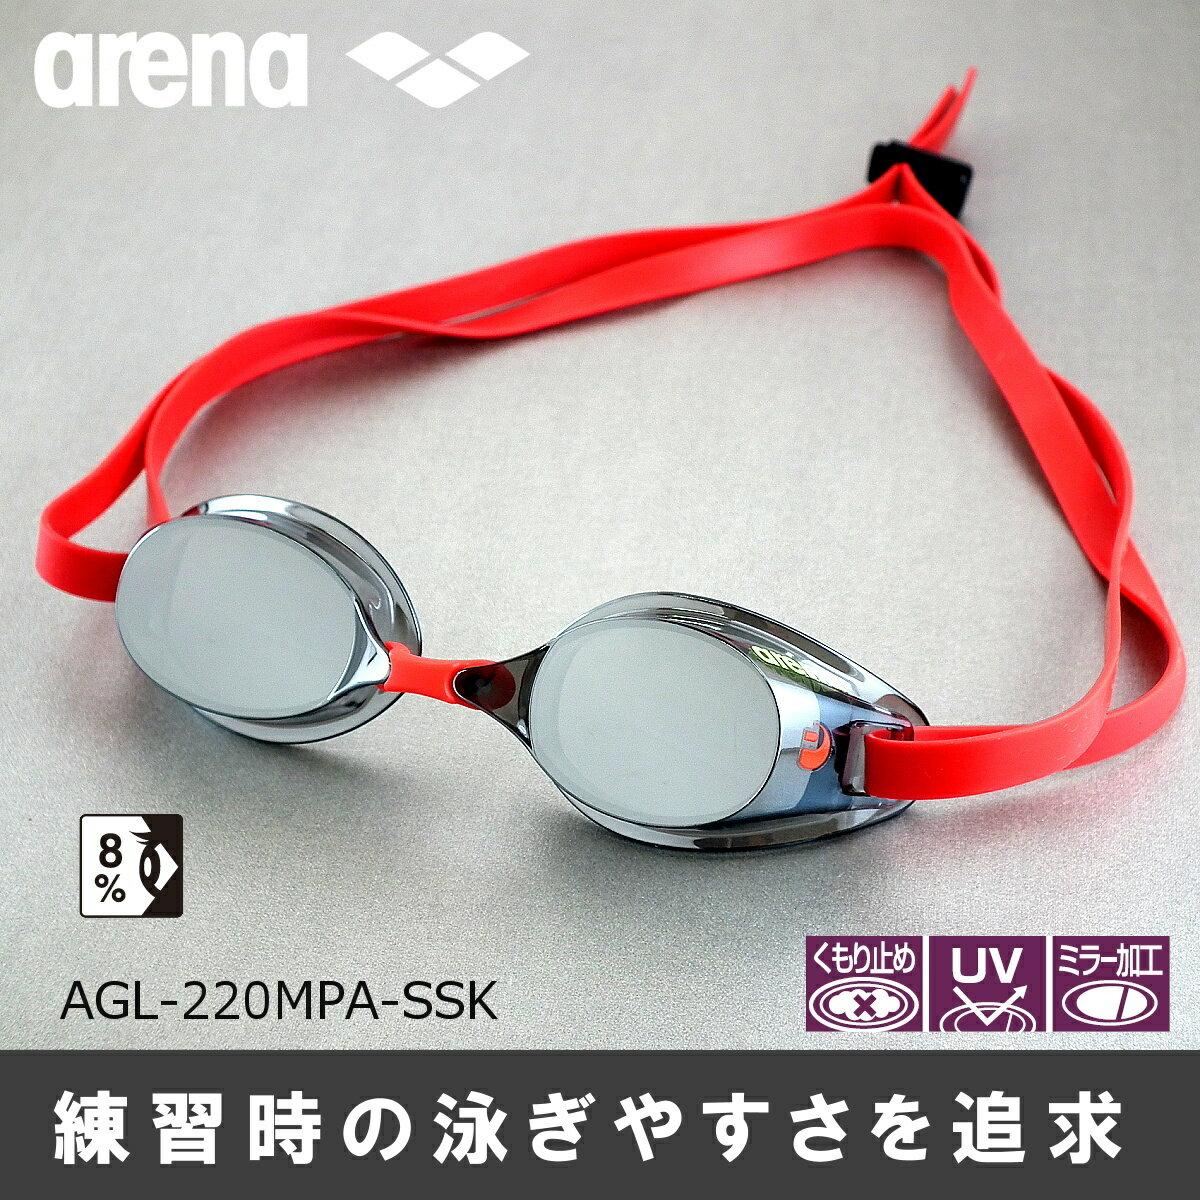 【スイムゴーグル】ARENA アリーナ ノンクッション スイミング トレーニング用ゴーグル ミラータイプ TOUGH STREAM(タフストリーム) 水泳 AGL-220MPA-SSK